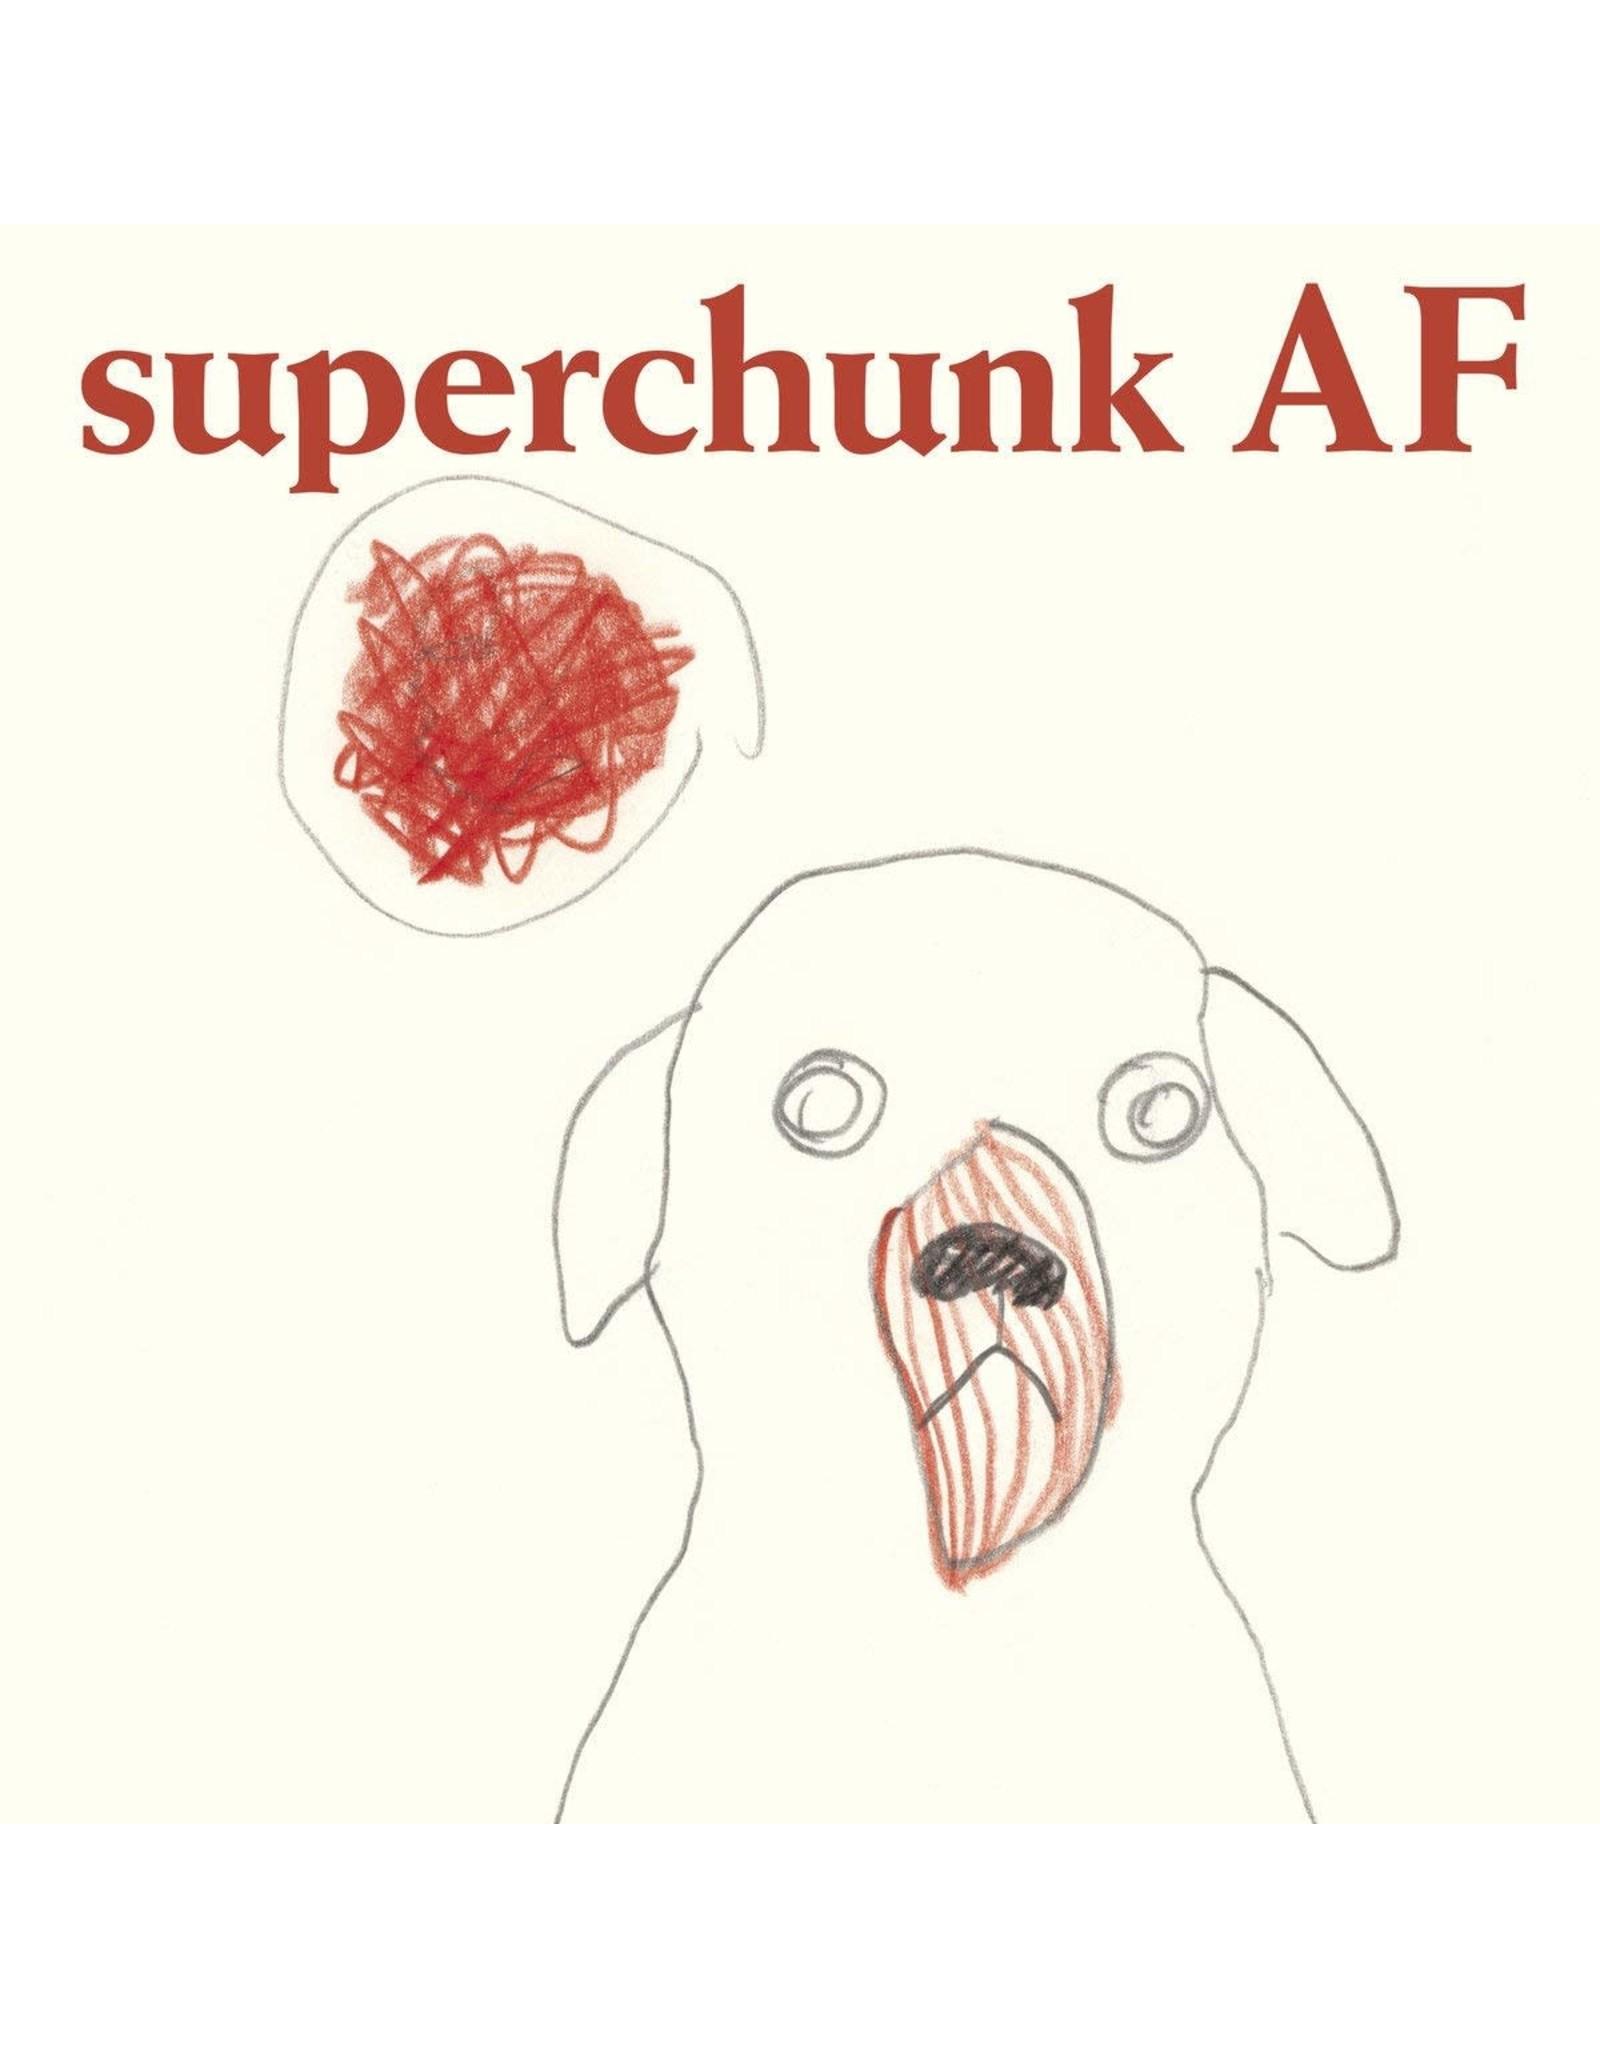 Superchunk - Acoustic Foolish (Indie Shop) LP